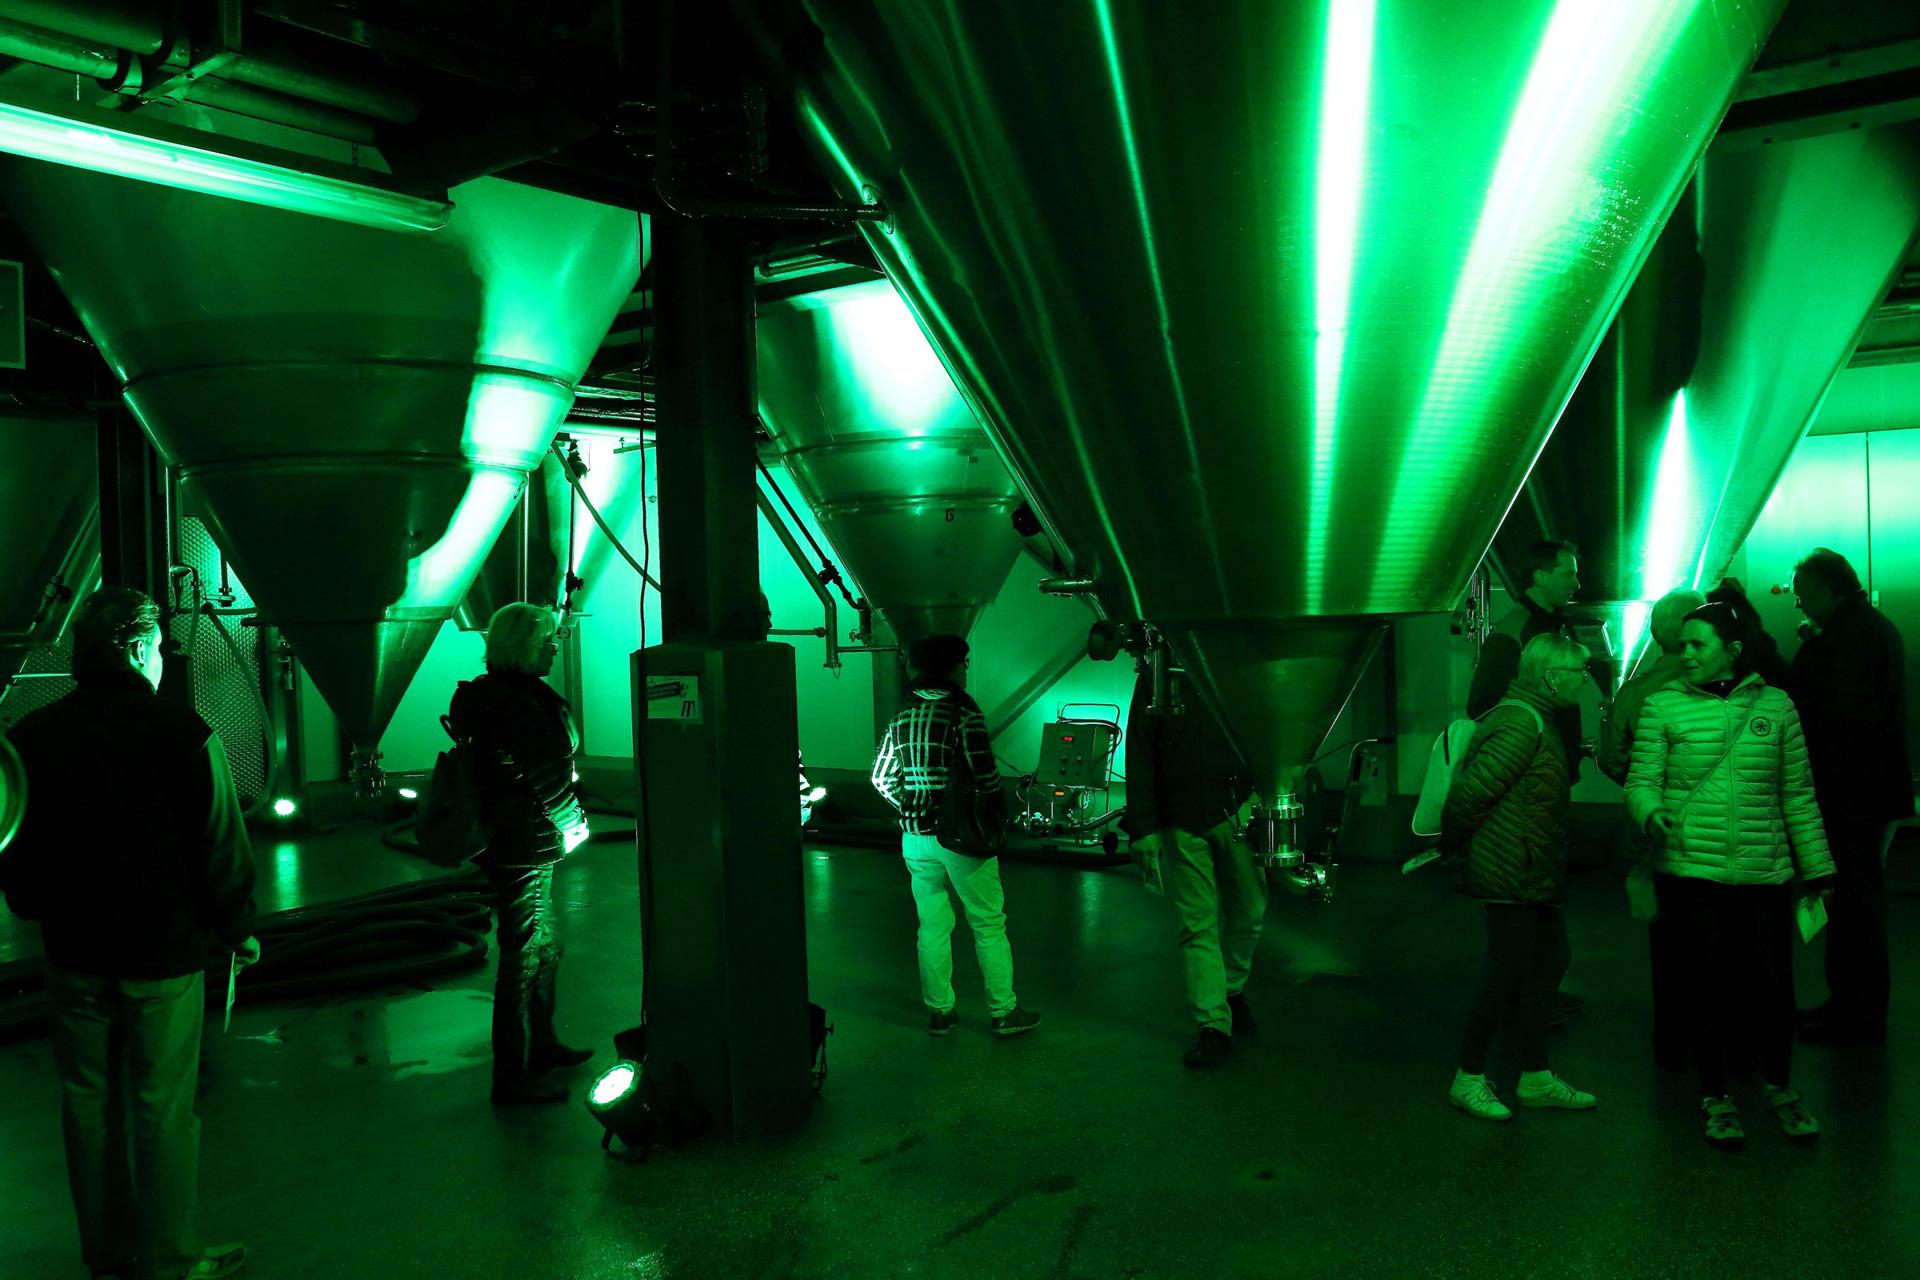 Im grün illuminierten Lagerkeller wurden die riesigen Tanks in Szene gesetzt, in denen bei Ketterer mit viel Zeit und bei Temperaturen bis -2°C das Bier reift. Dafür ist Ketterer als eine von 26 Brauereien mit dem Slow-Brewing-Gütesiegel ausgezeichnet.